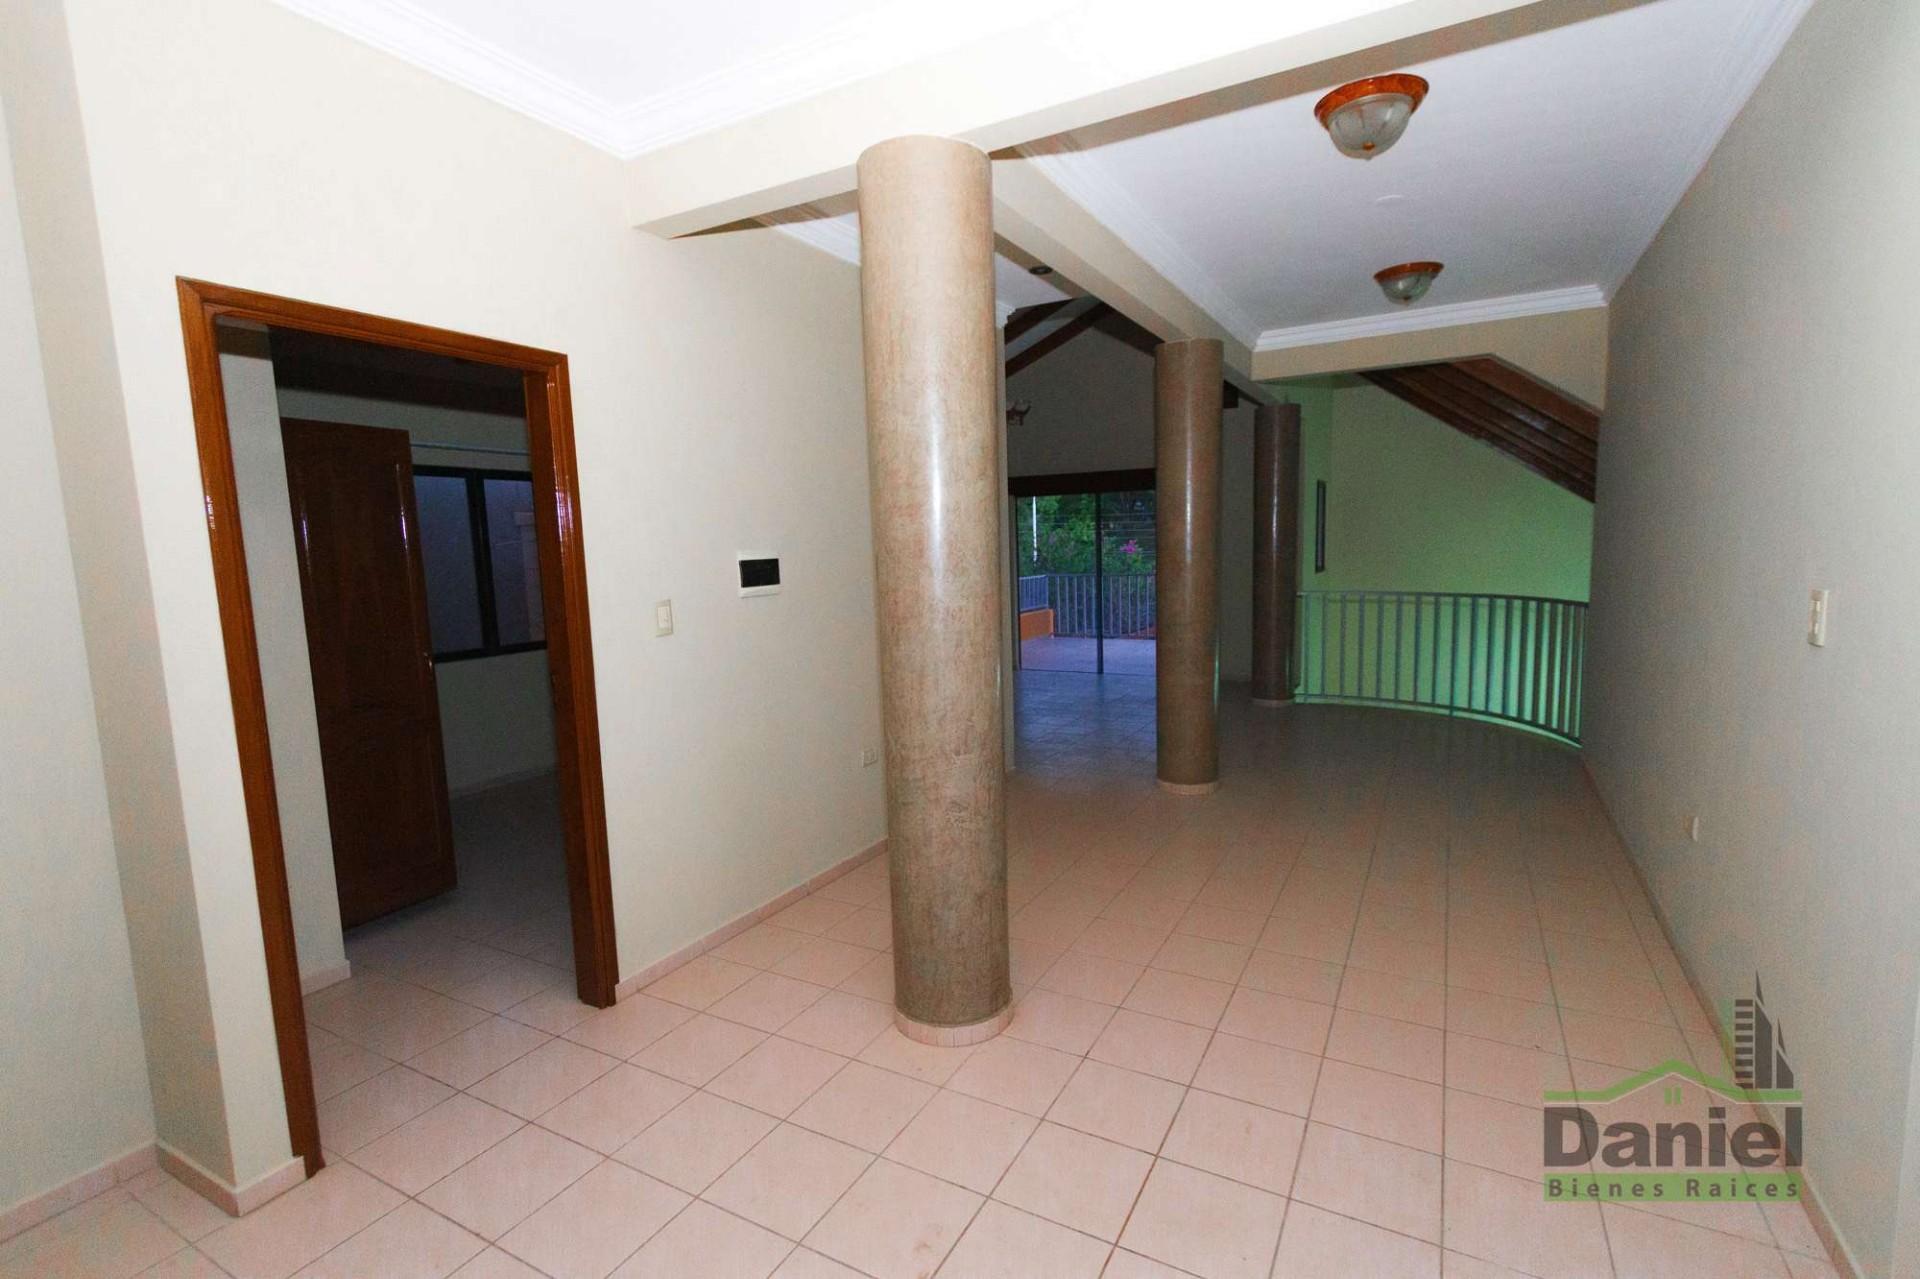 Casa en Venta CASA GRANDE ENTRE 4TO Y 5TO ANILLO RADIAL 27 Foto 14